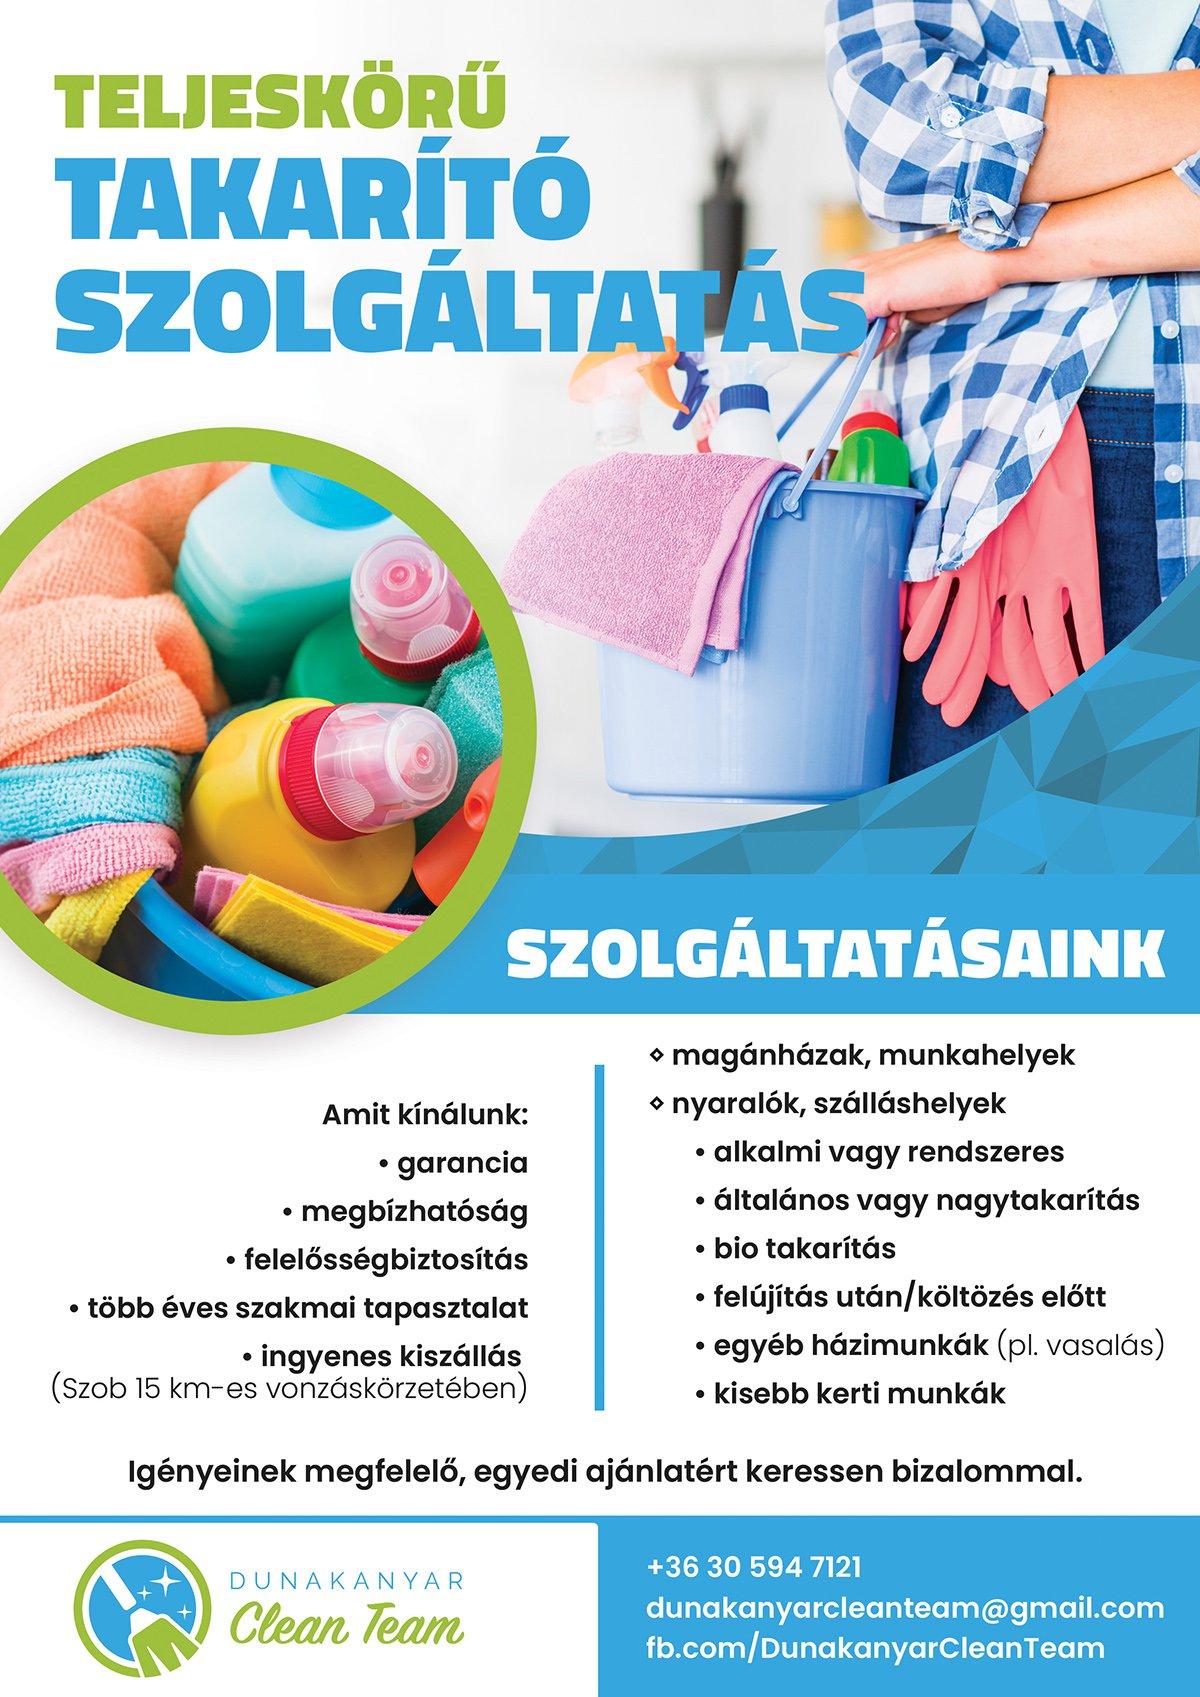 Elképesztő, mennyit keres egy takarító ma Magyarországon